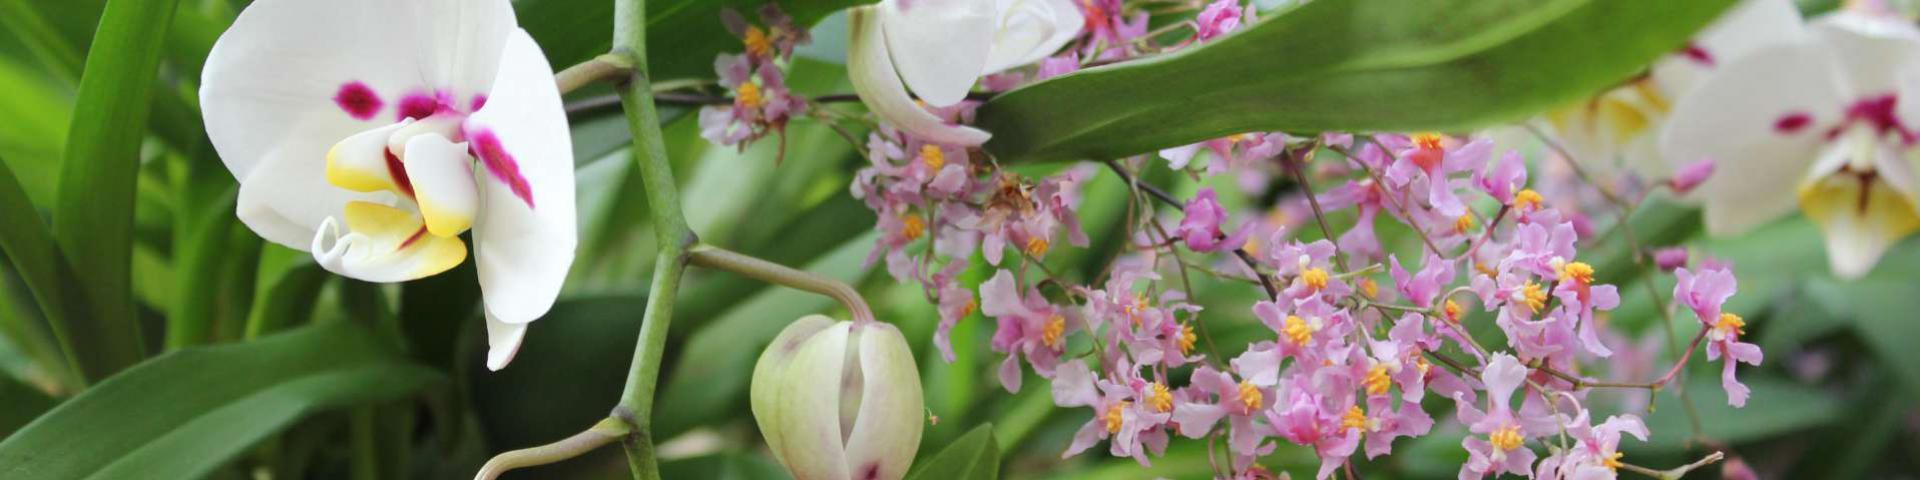 Orchideengärtner